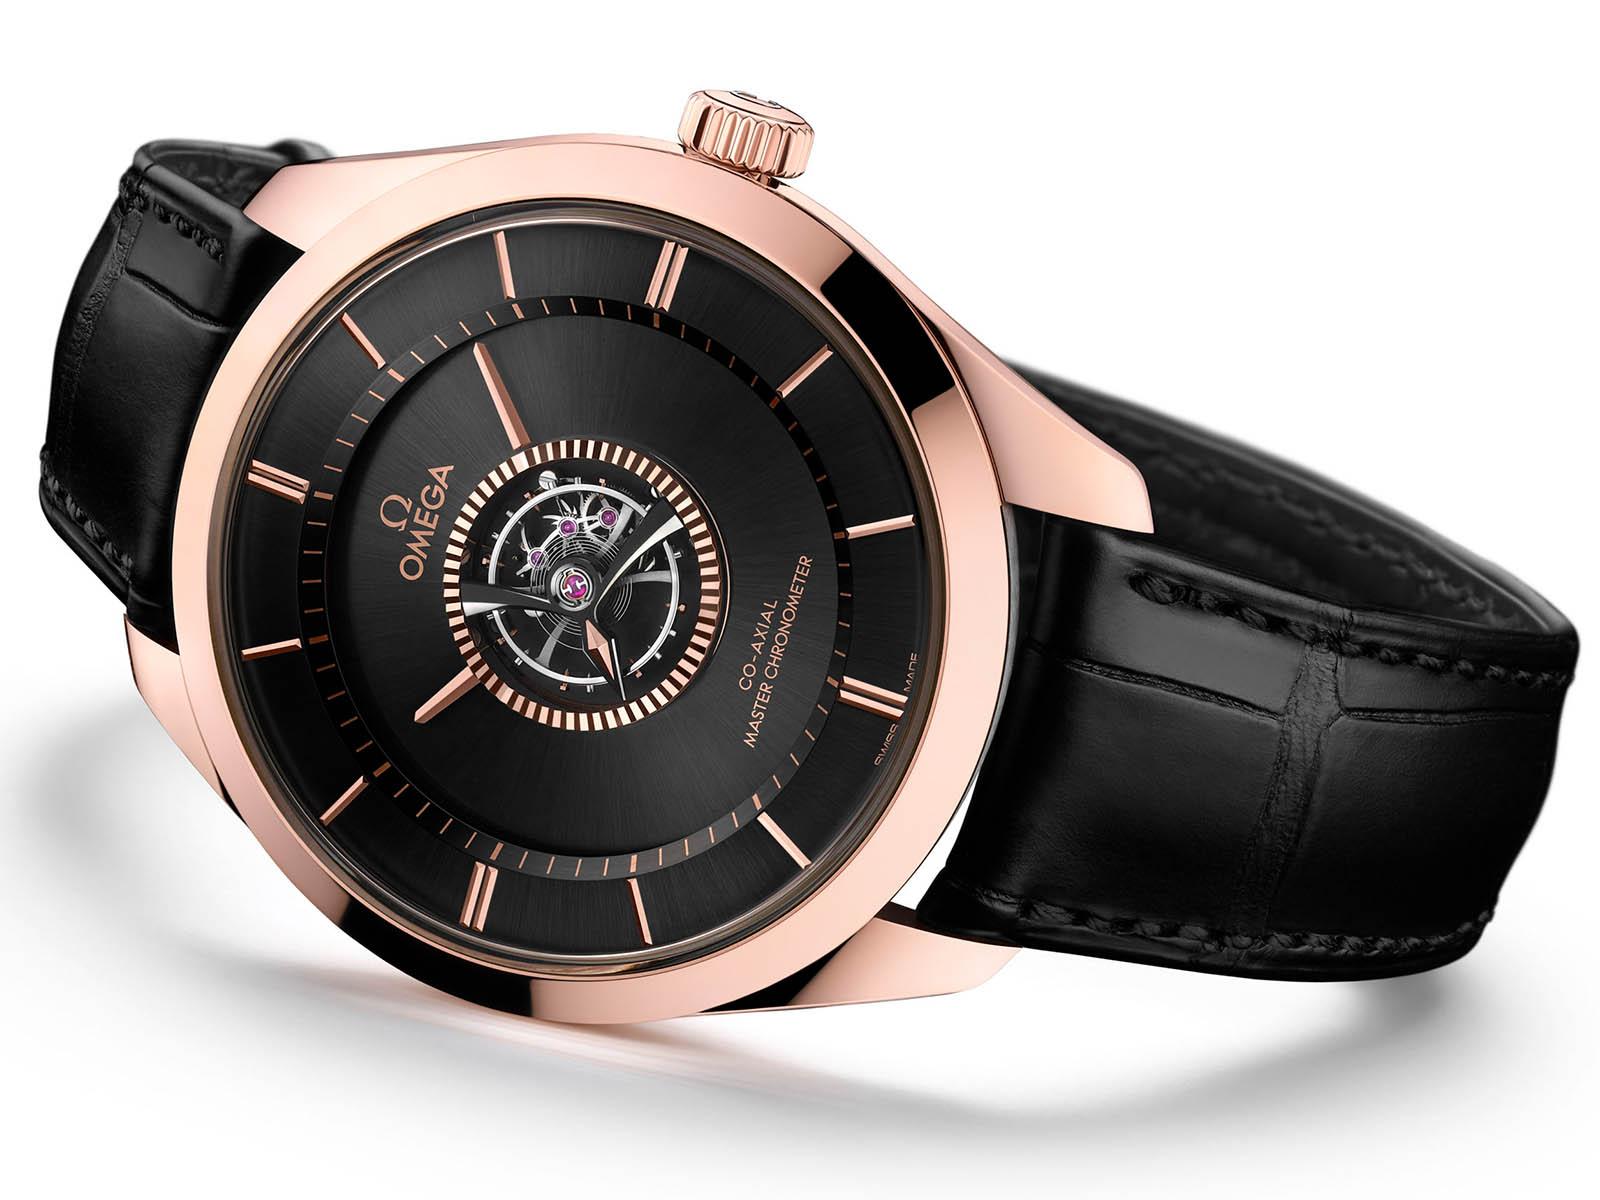 529-53-43-22-01-001-omega-de-ville-tourbillon-co-axial-master-chronometer-2.jpg